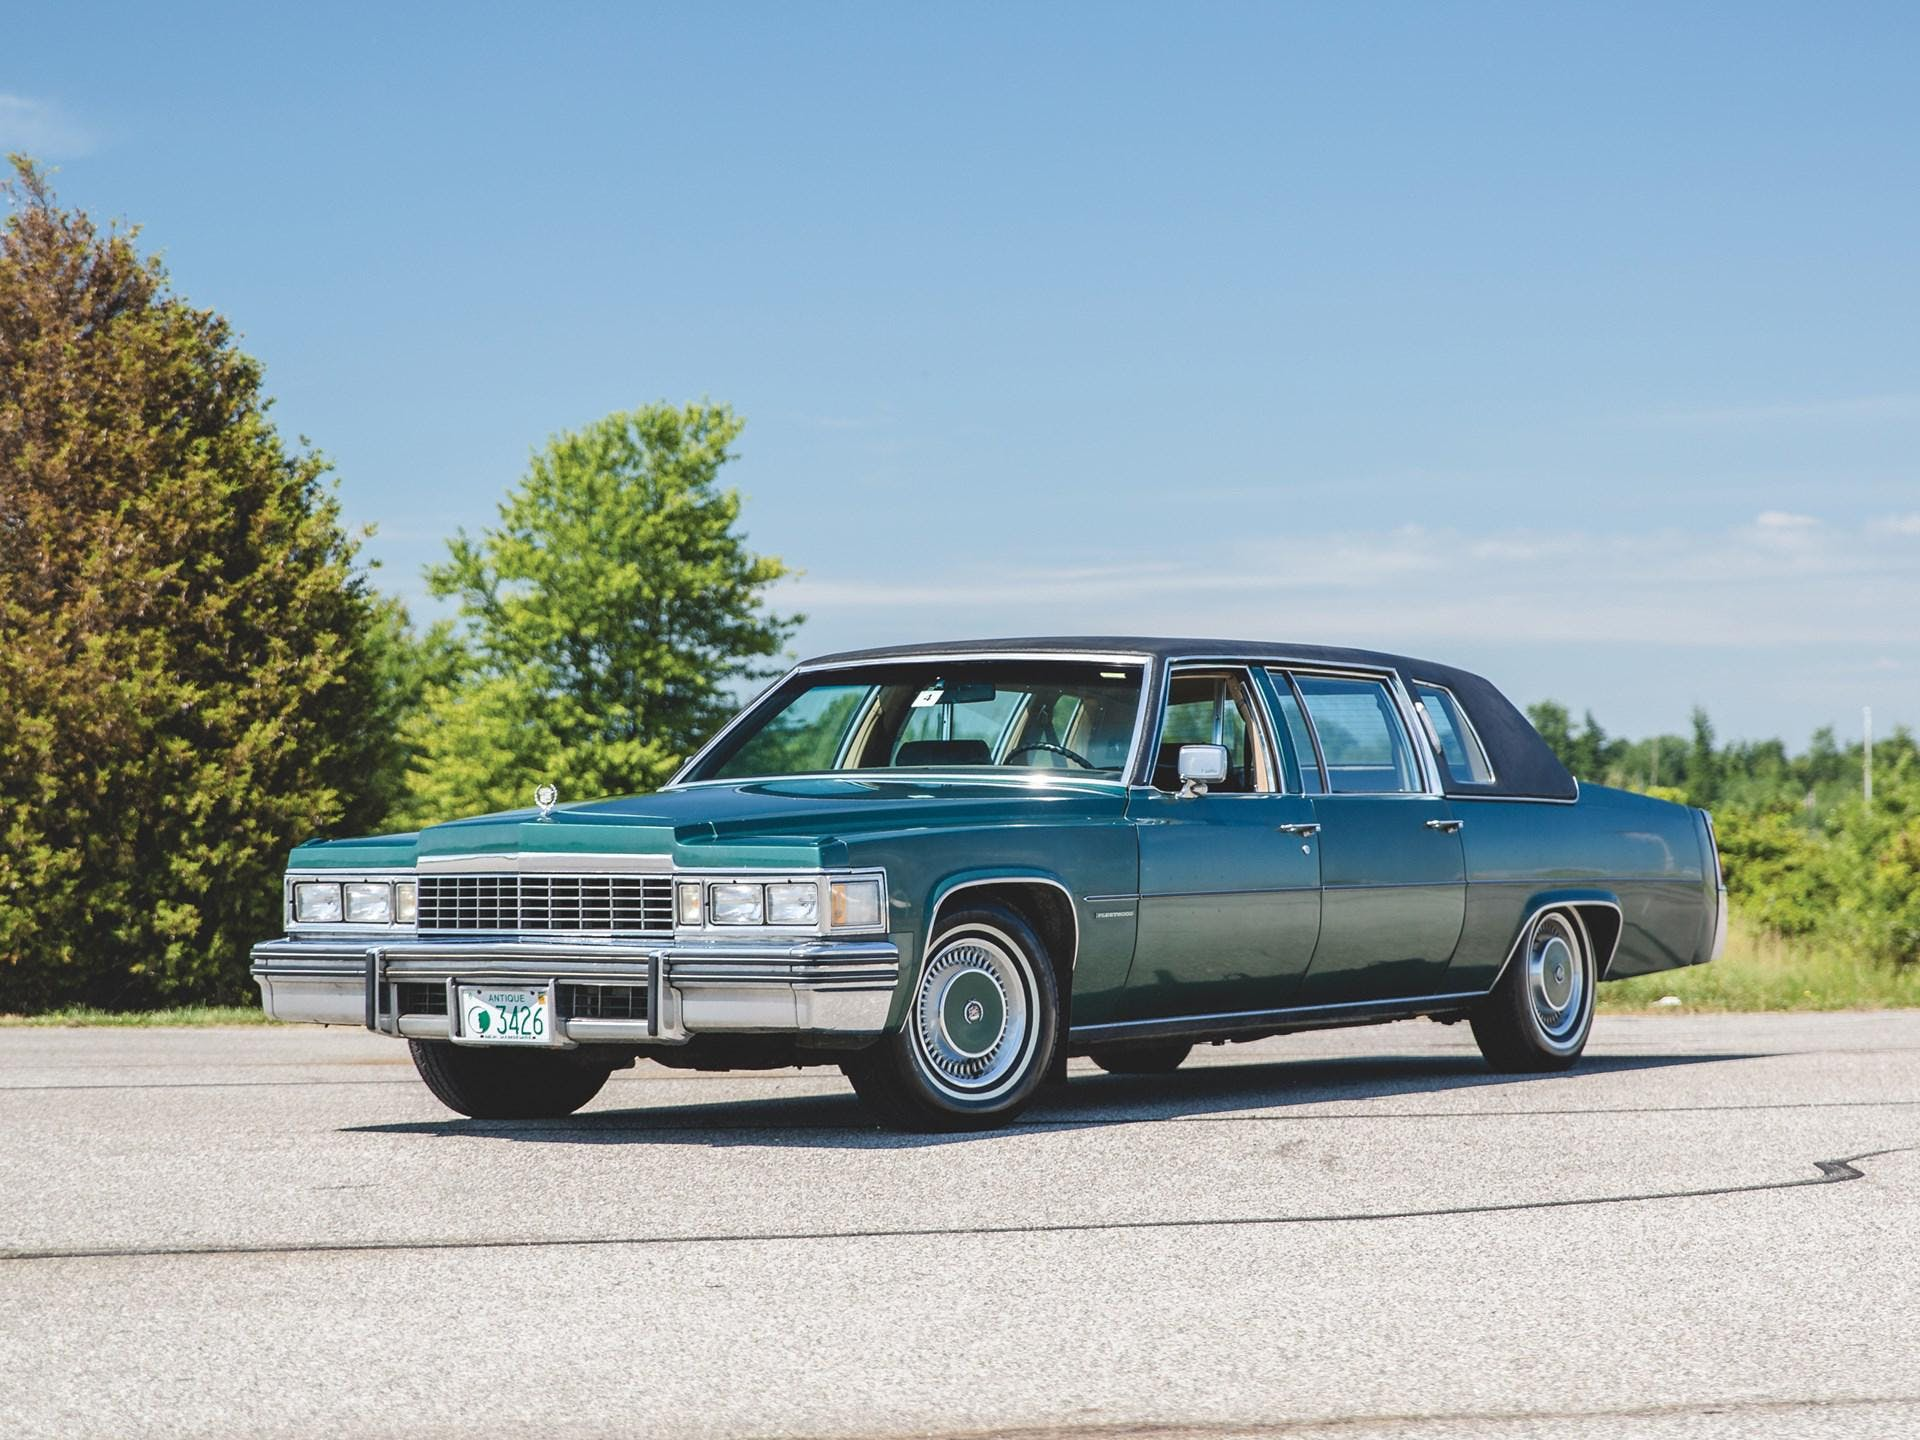 1977 Cadillac Fleetwood 75 Formal Sedan